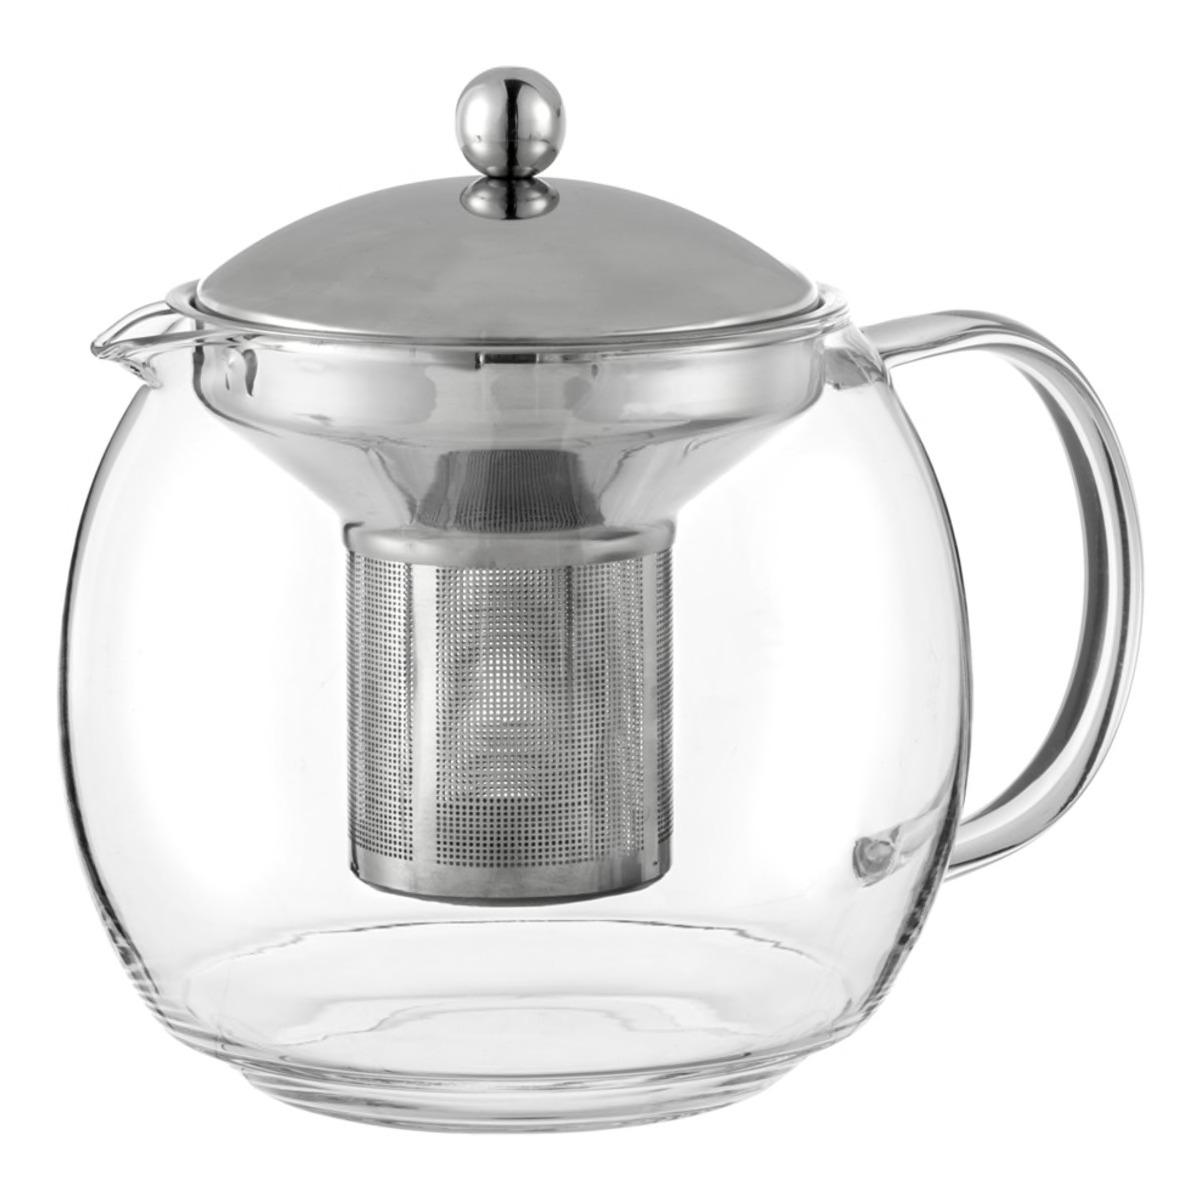 Tetera de vidrio El Corte Inglés 0,7 litros